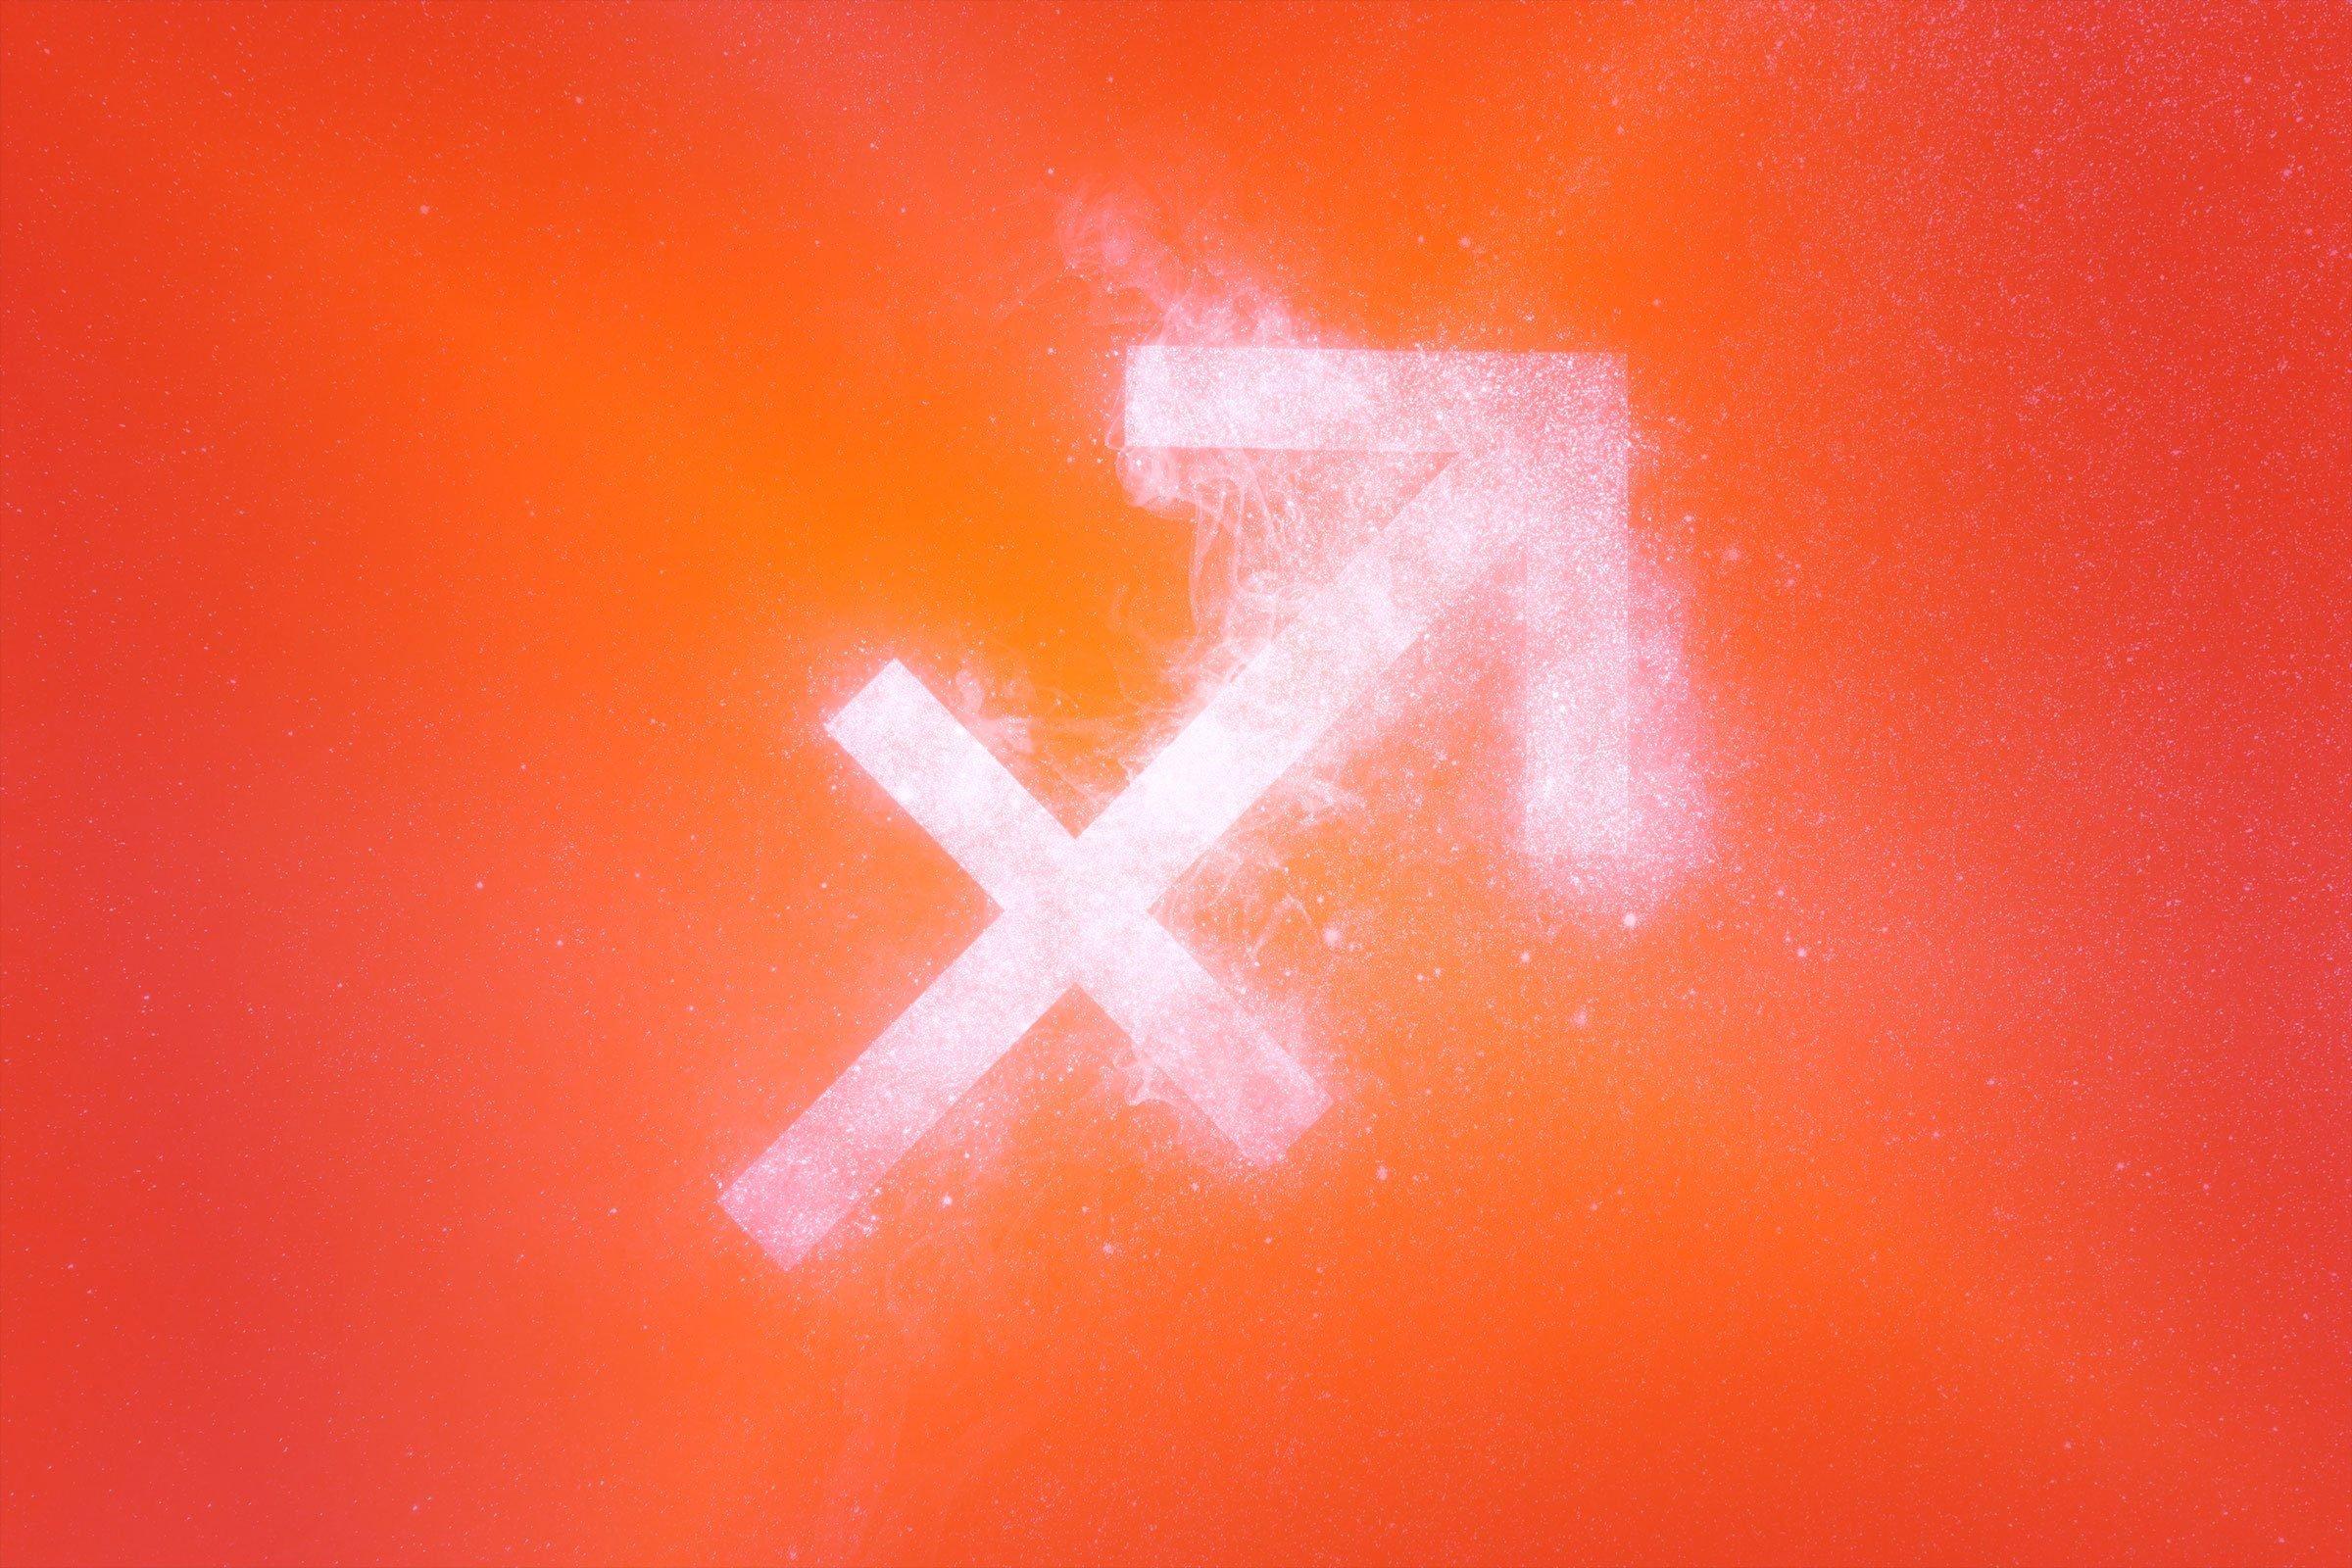 sagittarius symbol with red-orange gradient overlay